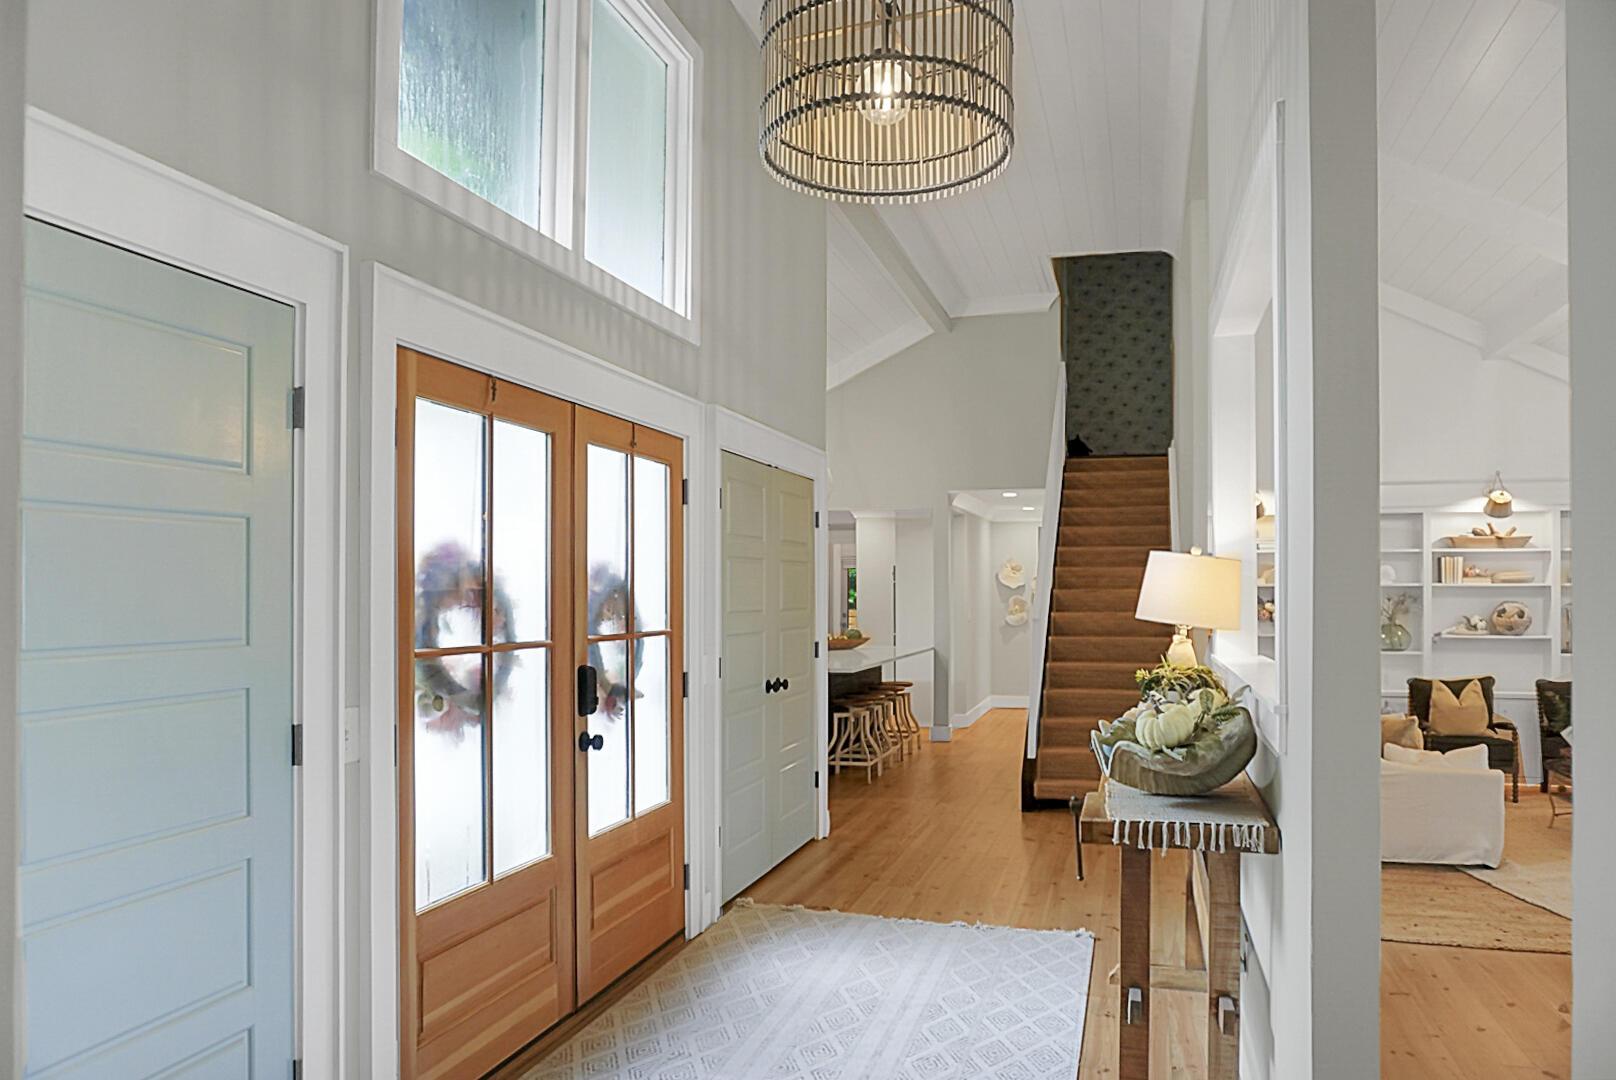 Sandhurst Homes For Sale - 37 Eton, Charleston, SC - 9